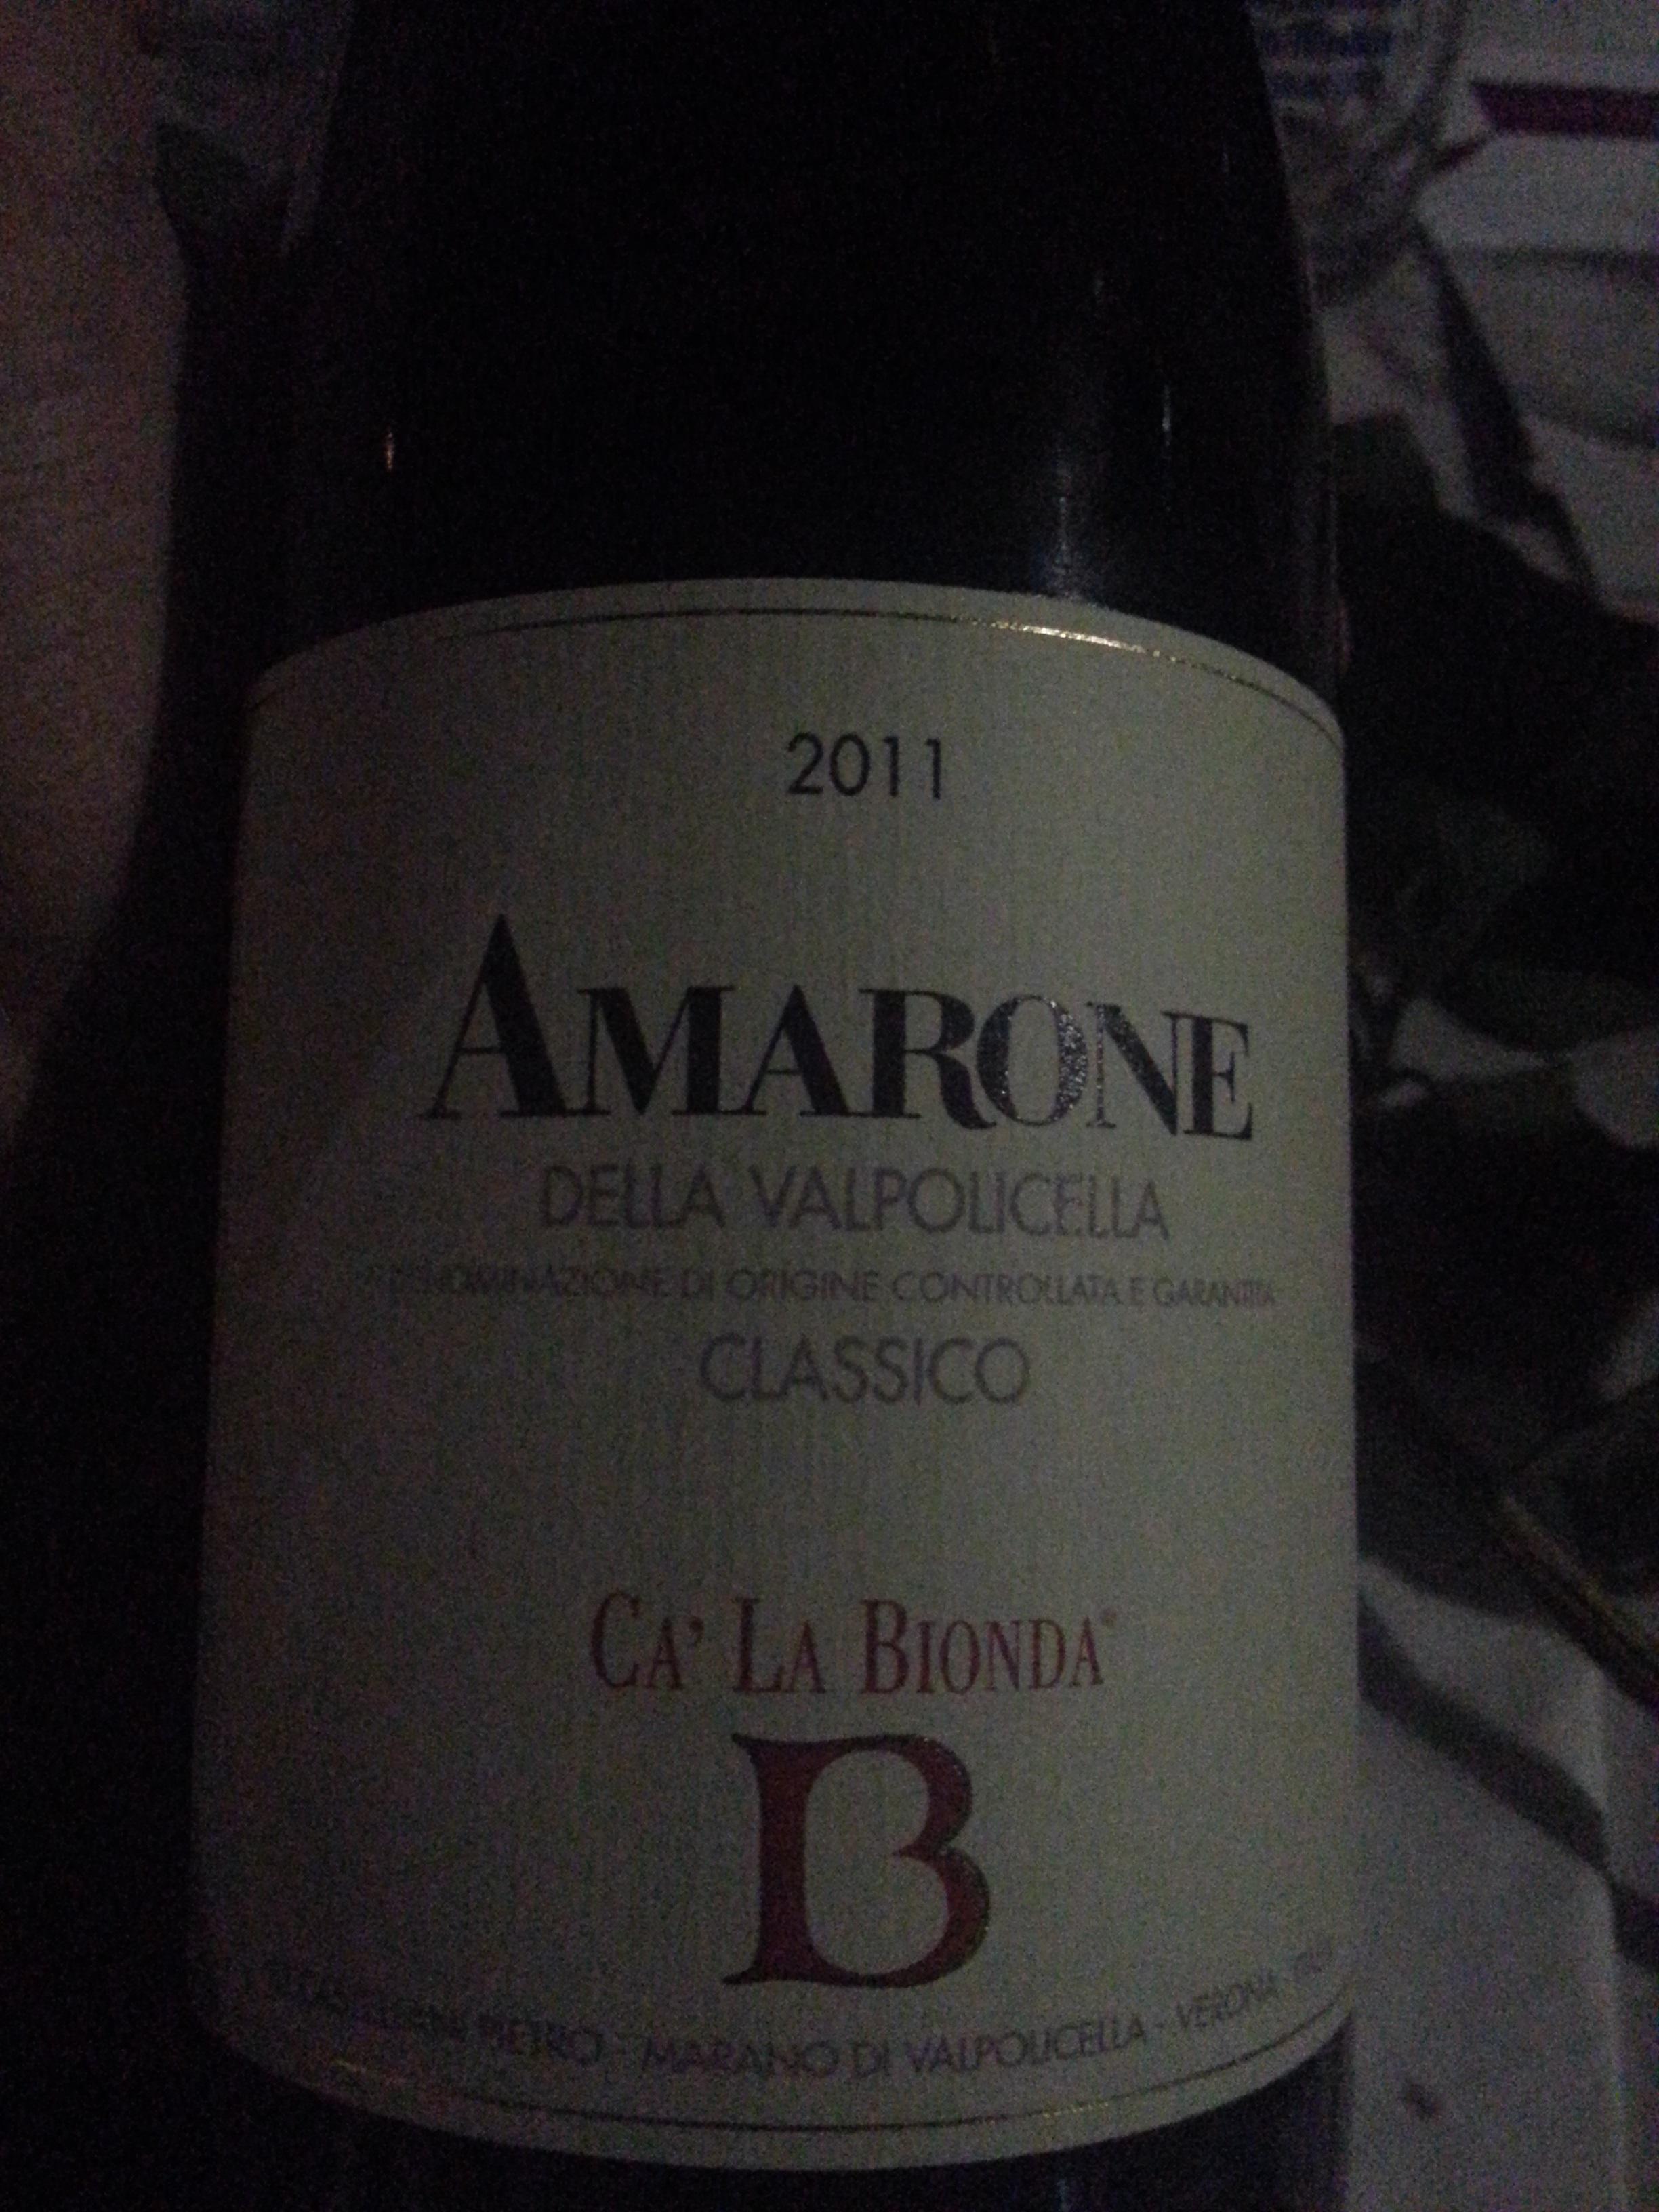 2011 Amarone | Ca' La Bionda